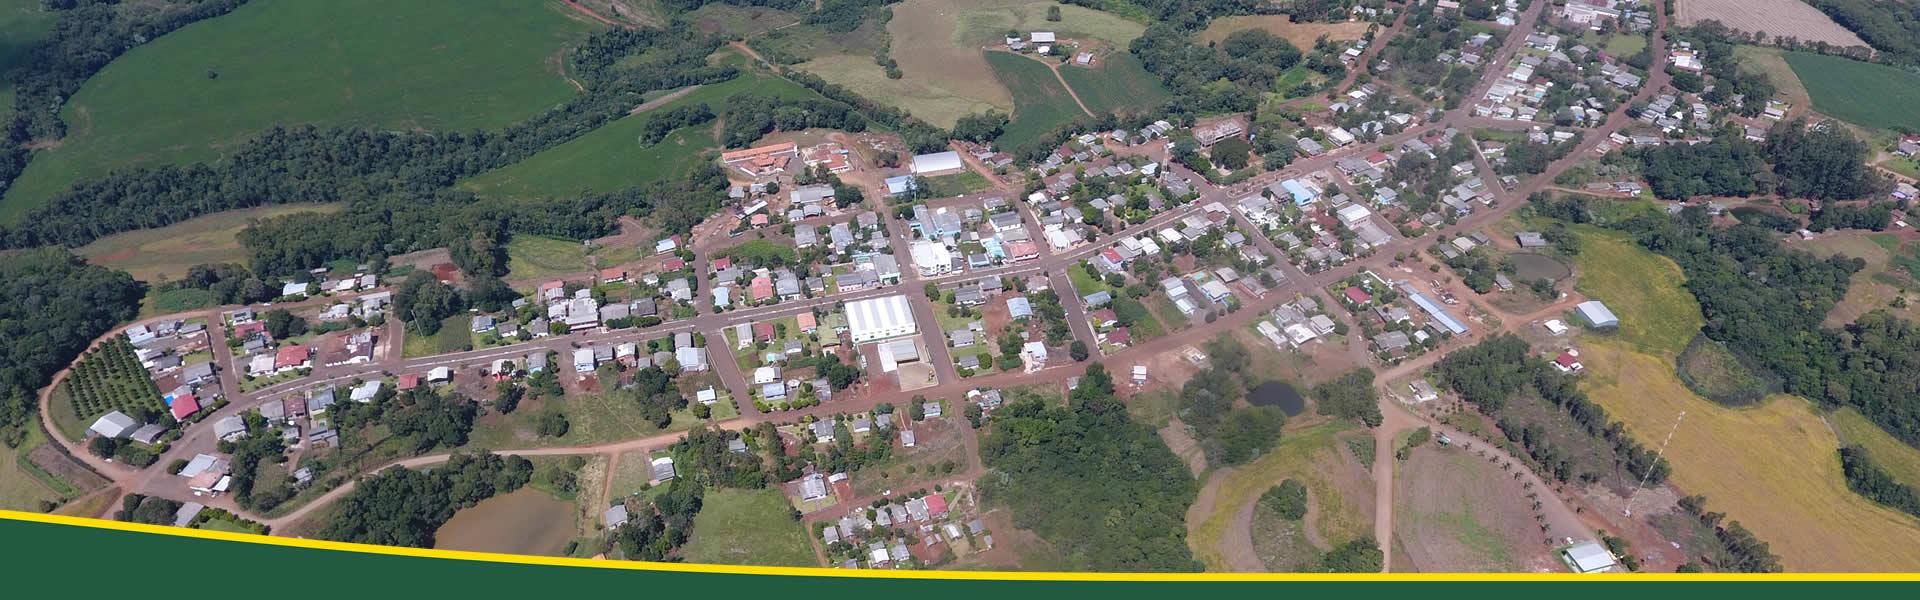 Imagens Aéreas do Município